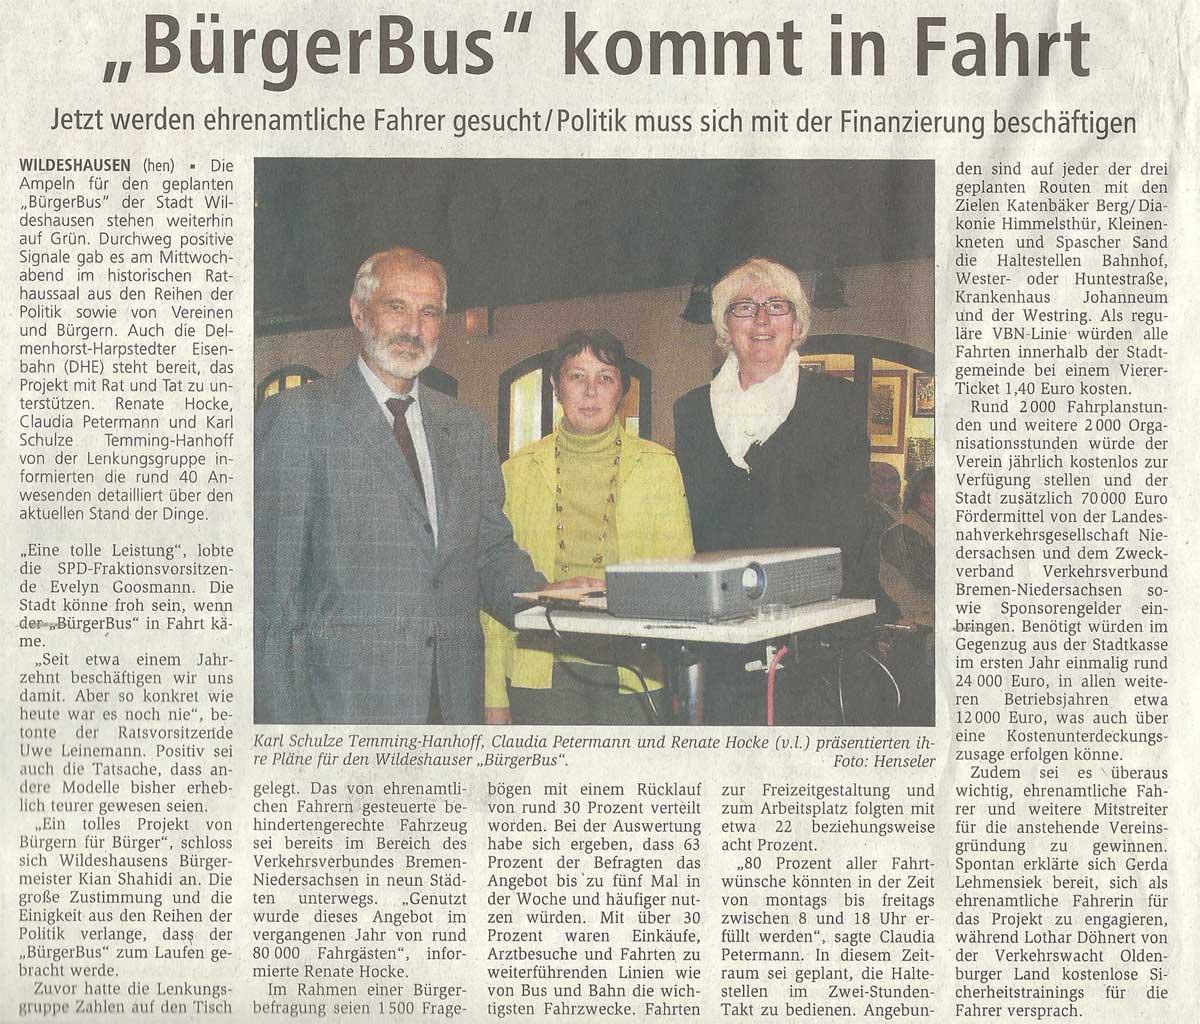 'Bürgerbus' kommt in FahrtJetzt werden ehrenamtliche Fahrer gesucht / Politik muss sich mit der Finanzierung beschäftigenArtikel vom 20.08.2010 (WZ)